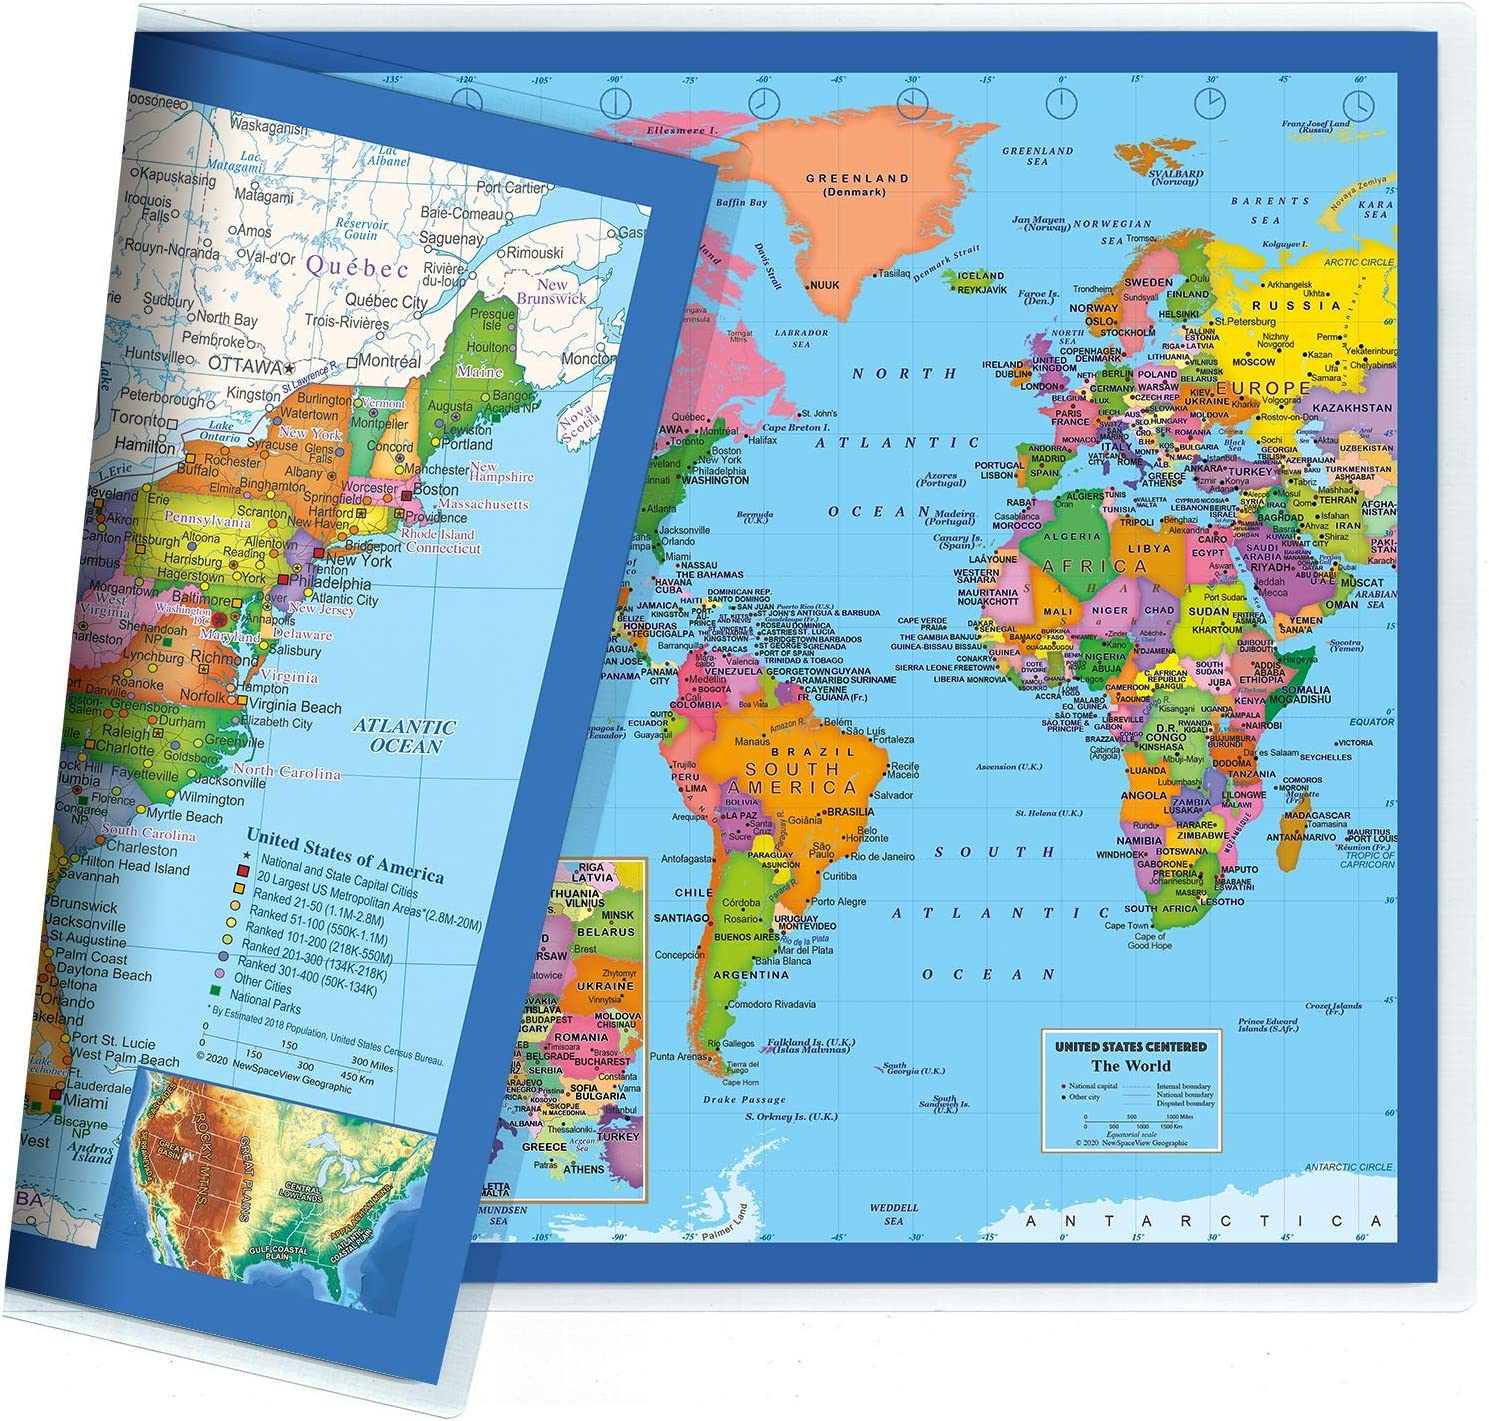 Mapa de escritorio clásico de Estados Unidos y el mundo, impresión de 2 caras, laminado sellado de 2 caras, tamaño pequeño póster de 11.5 x 17.5 pulgadas: Amazon.es: Oficina y papelería